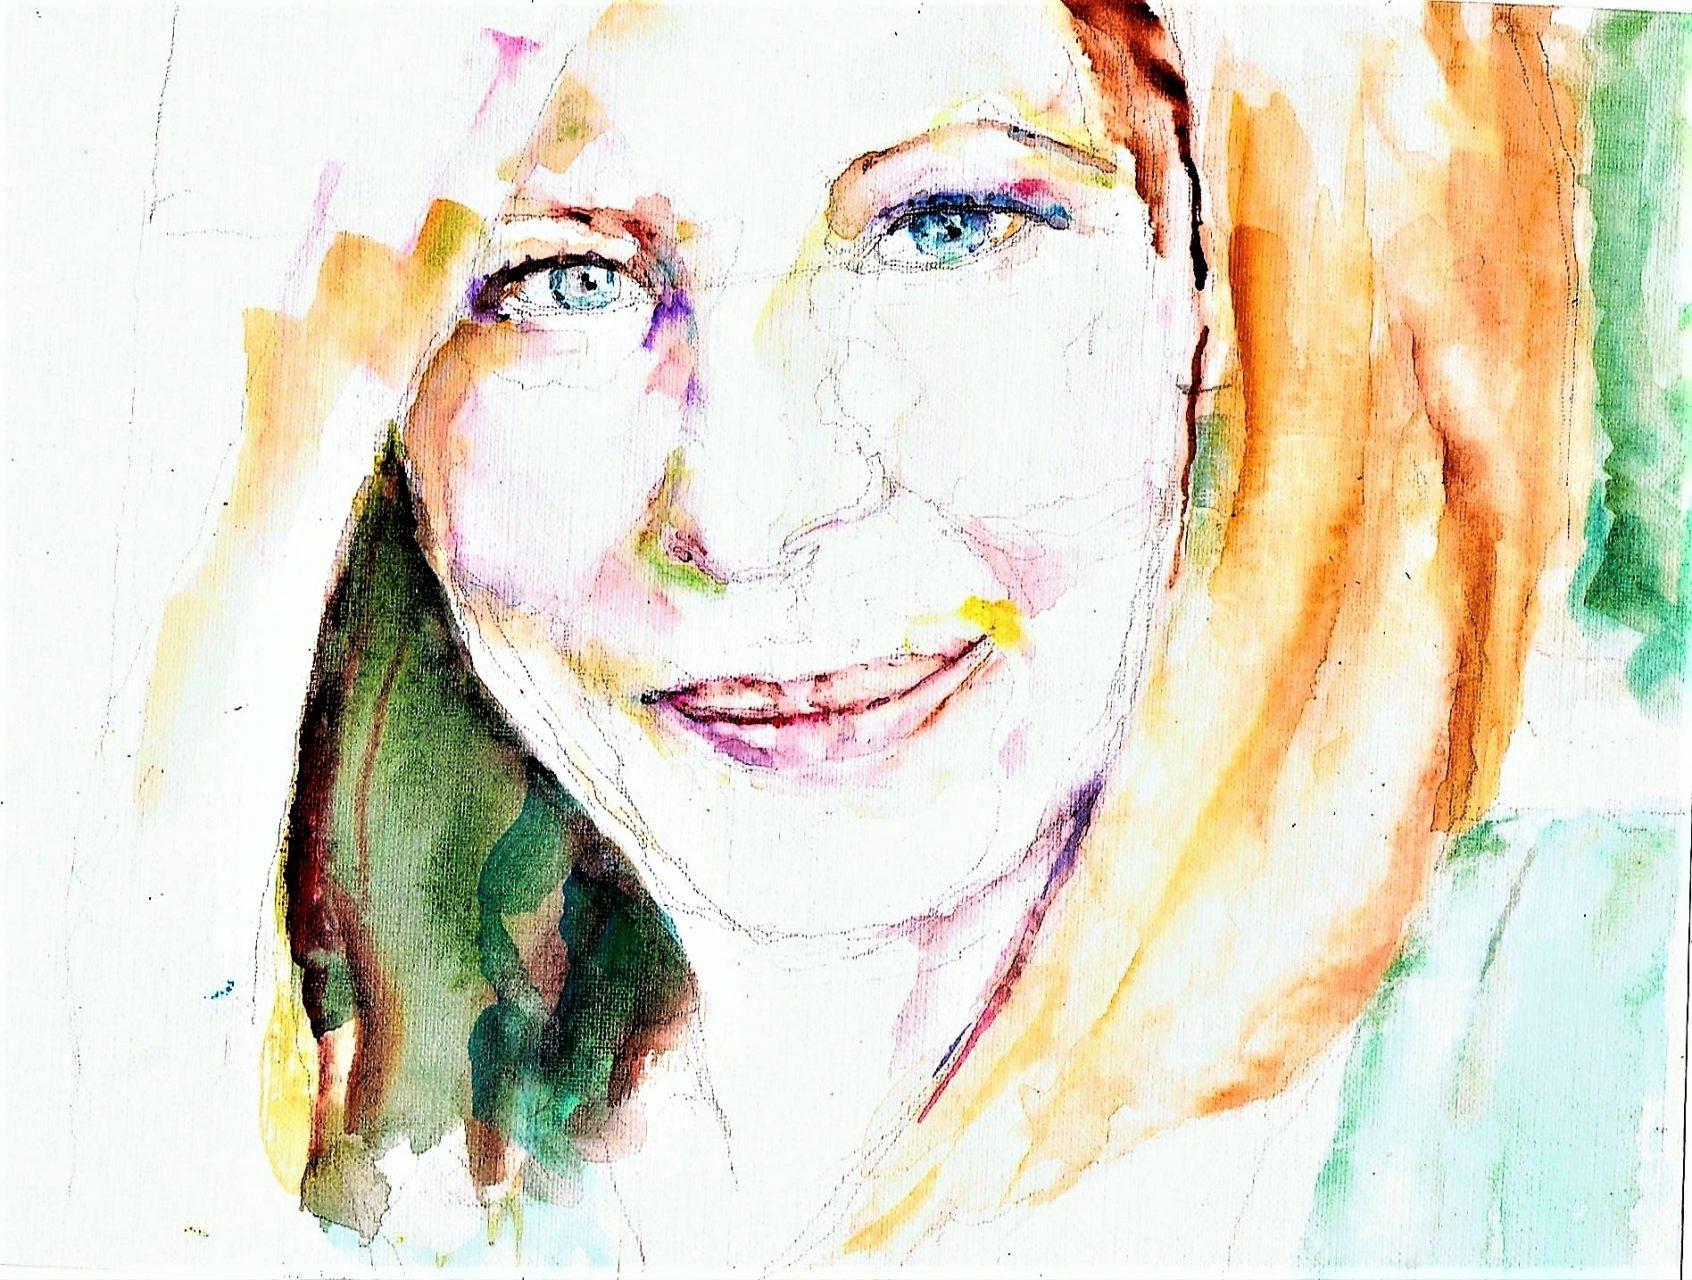 365 dagen een portret 87 Barbara Streisand, zangeres Aquarel 19c25